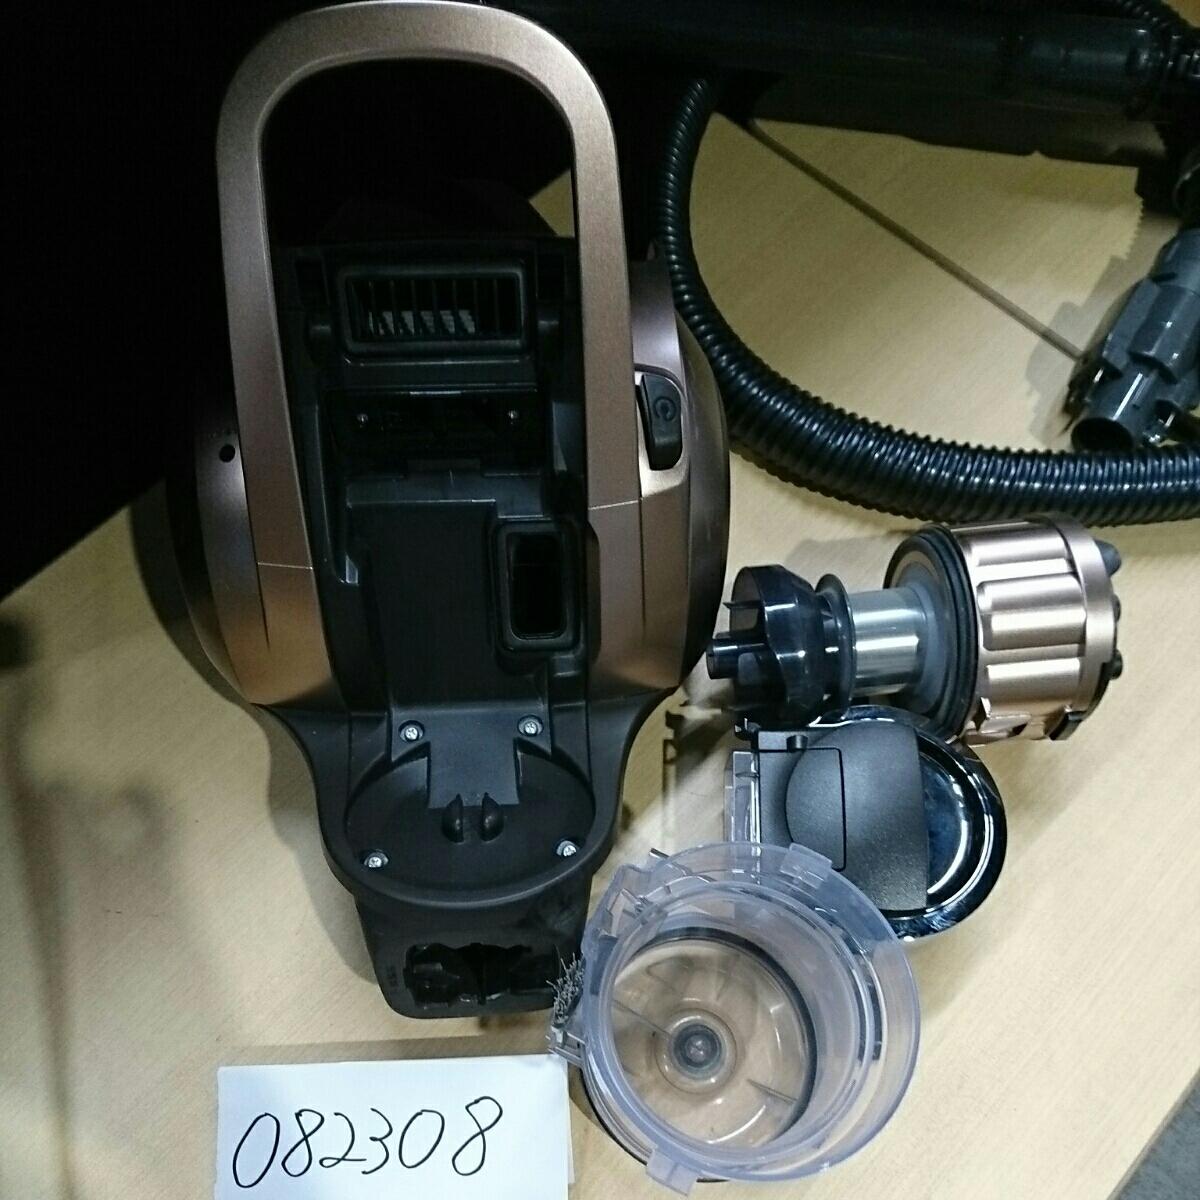 2017年製 Panasonic パナソニック電気掃除機 MC-SR550G-N (管理番号082308)_画像5